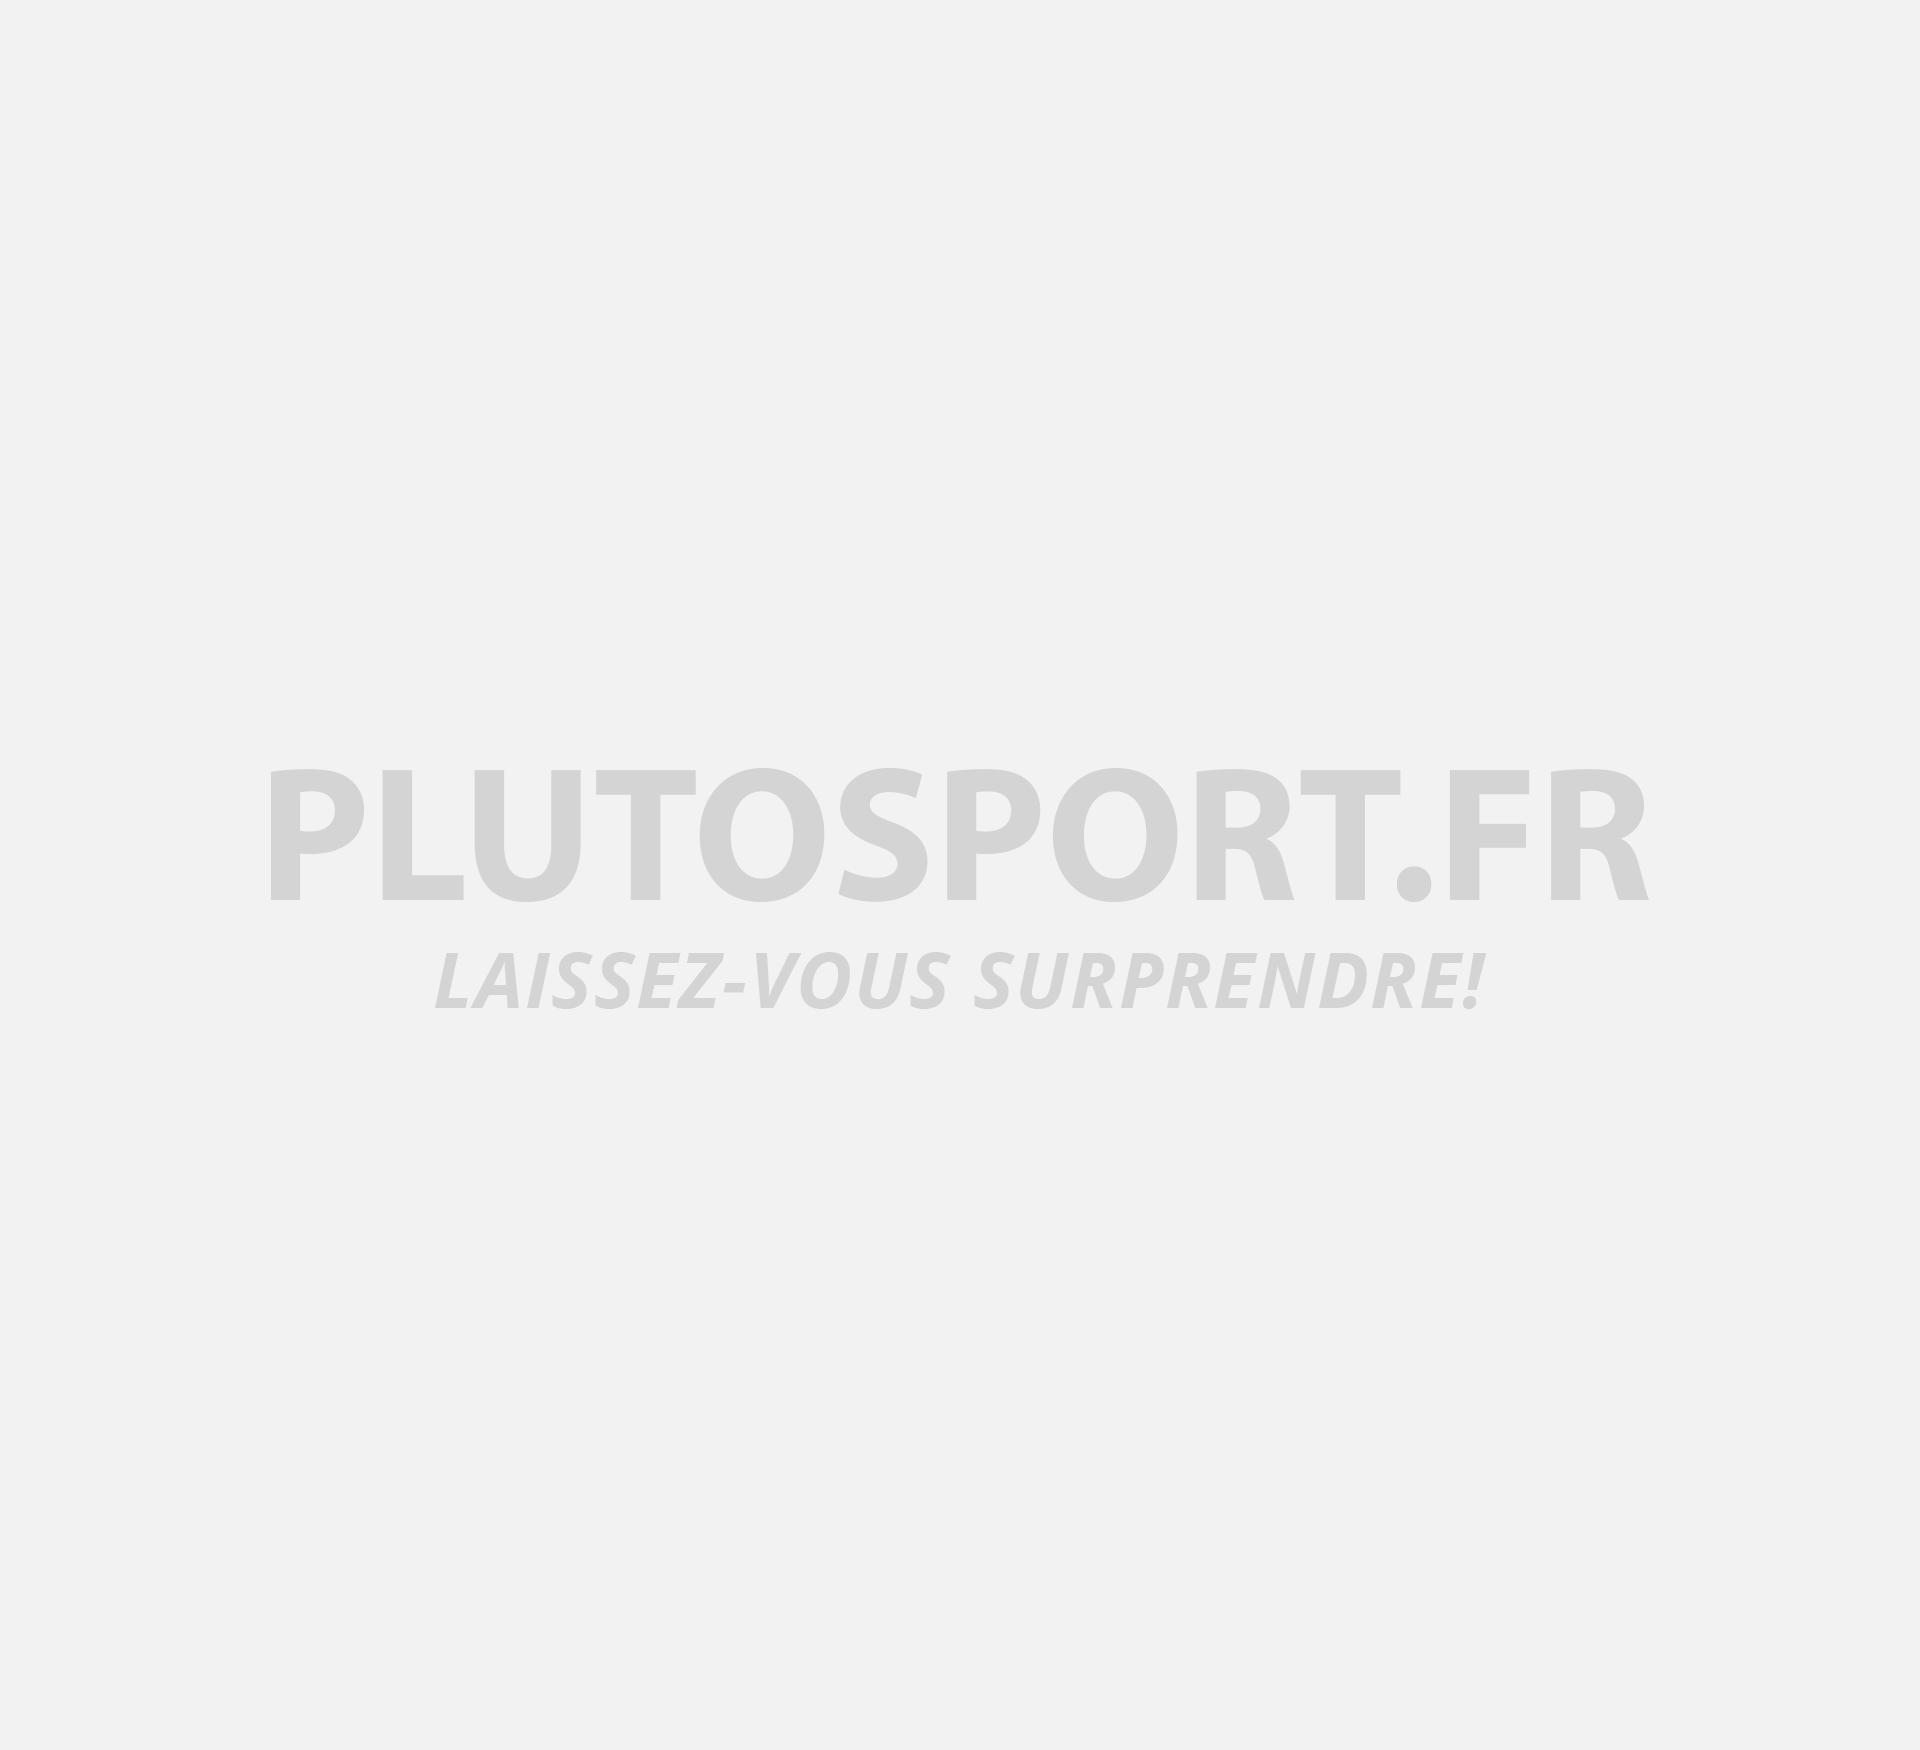 Le pantalon de survêtement pour hommes Nike CFC Vaporknit Strike Trainingsbroek